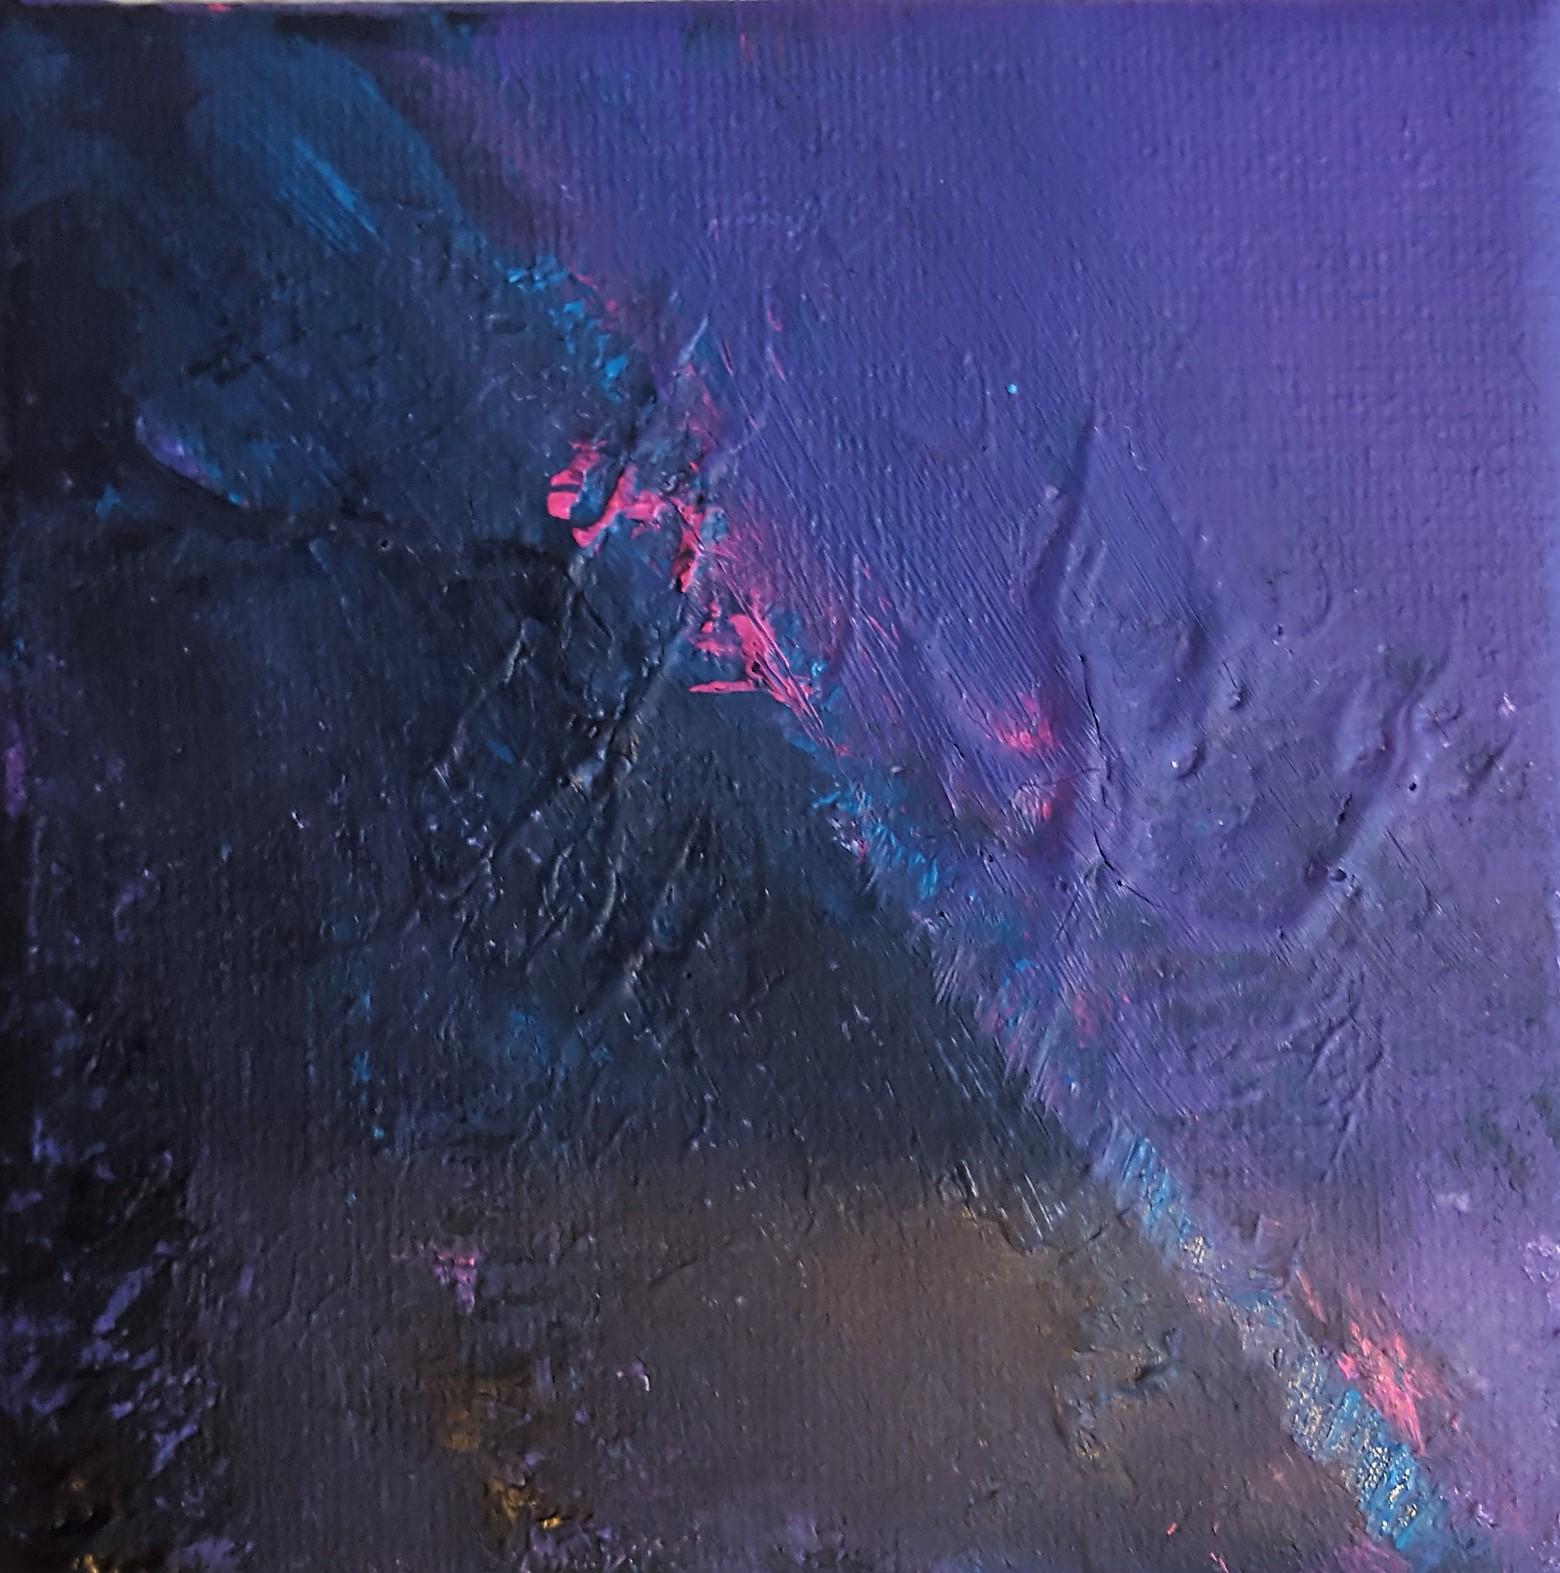 20170119_115227.jpg